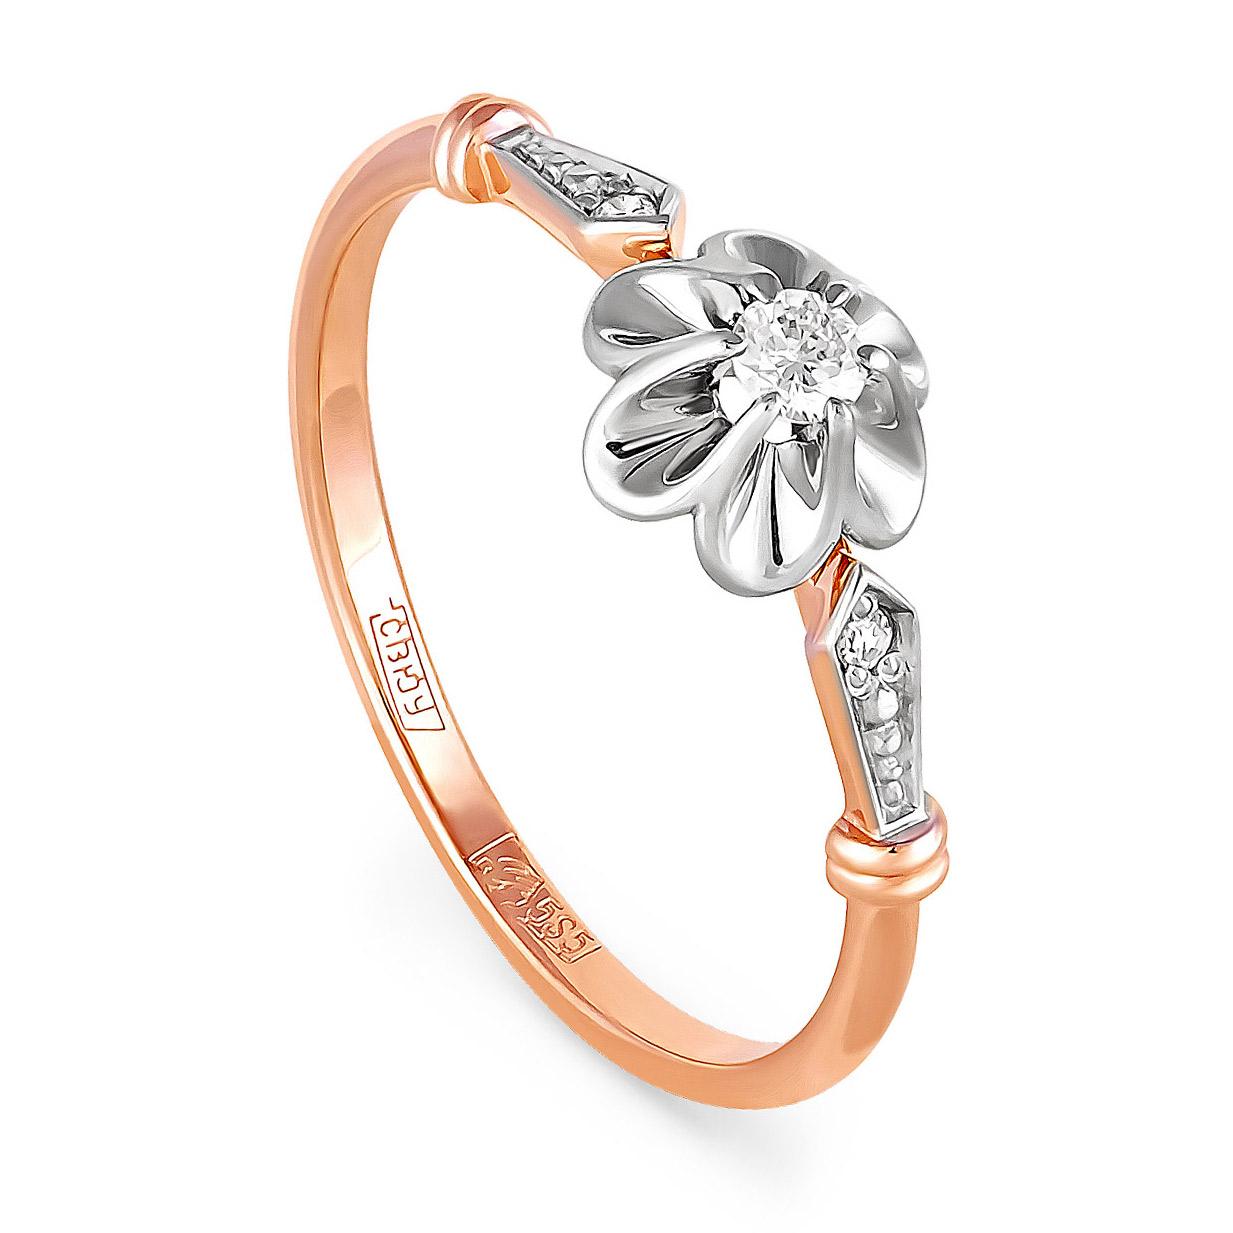 Помолвочное кольцо из золота с бриллиантом Бриллиант арт. 11-0811-1000 11-0811-1000